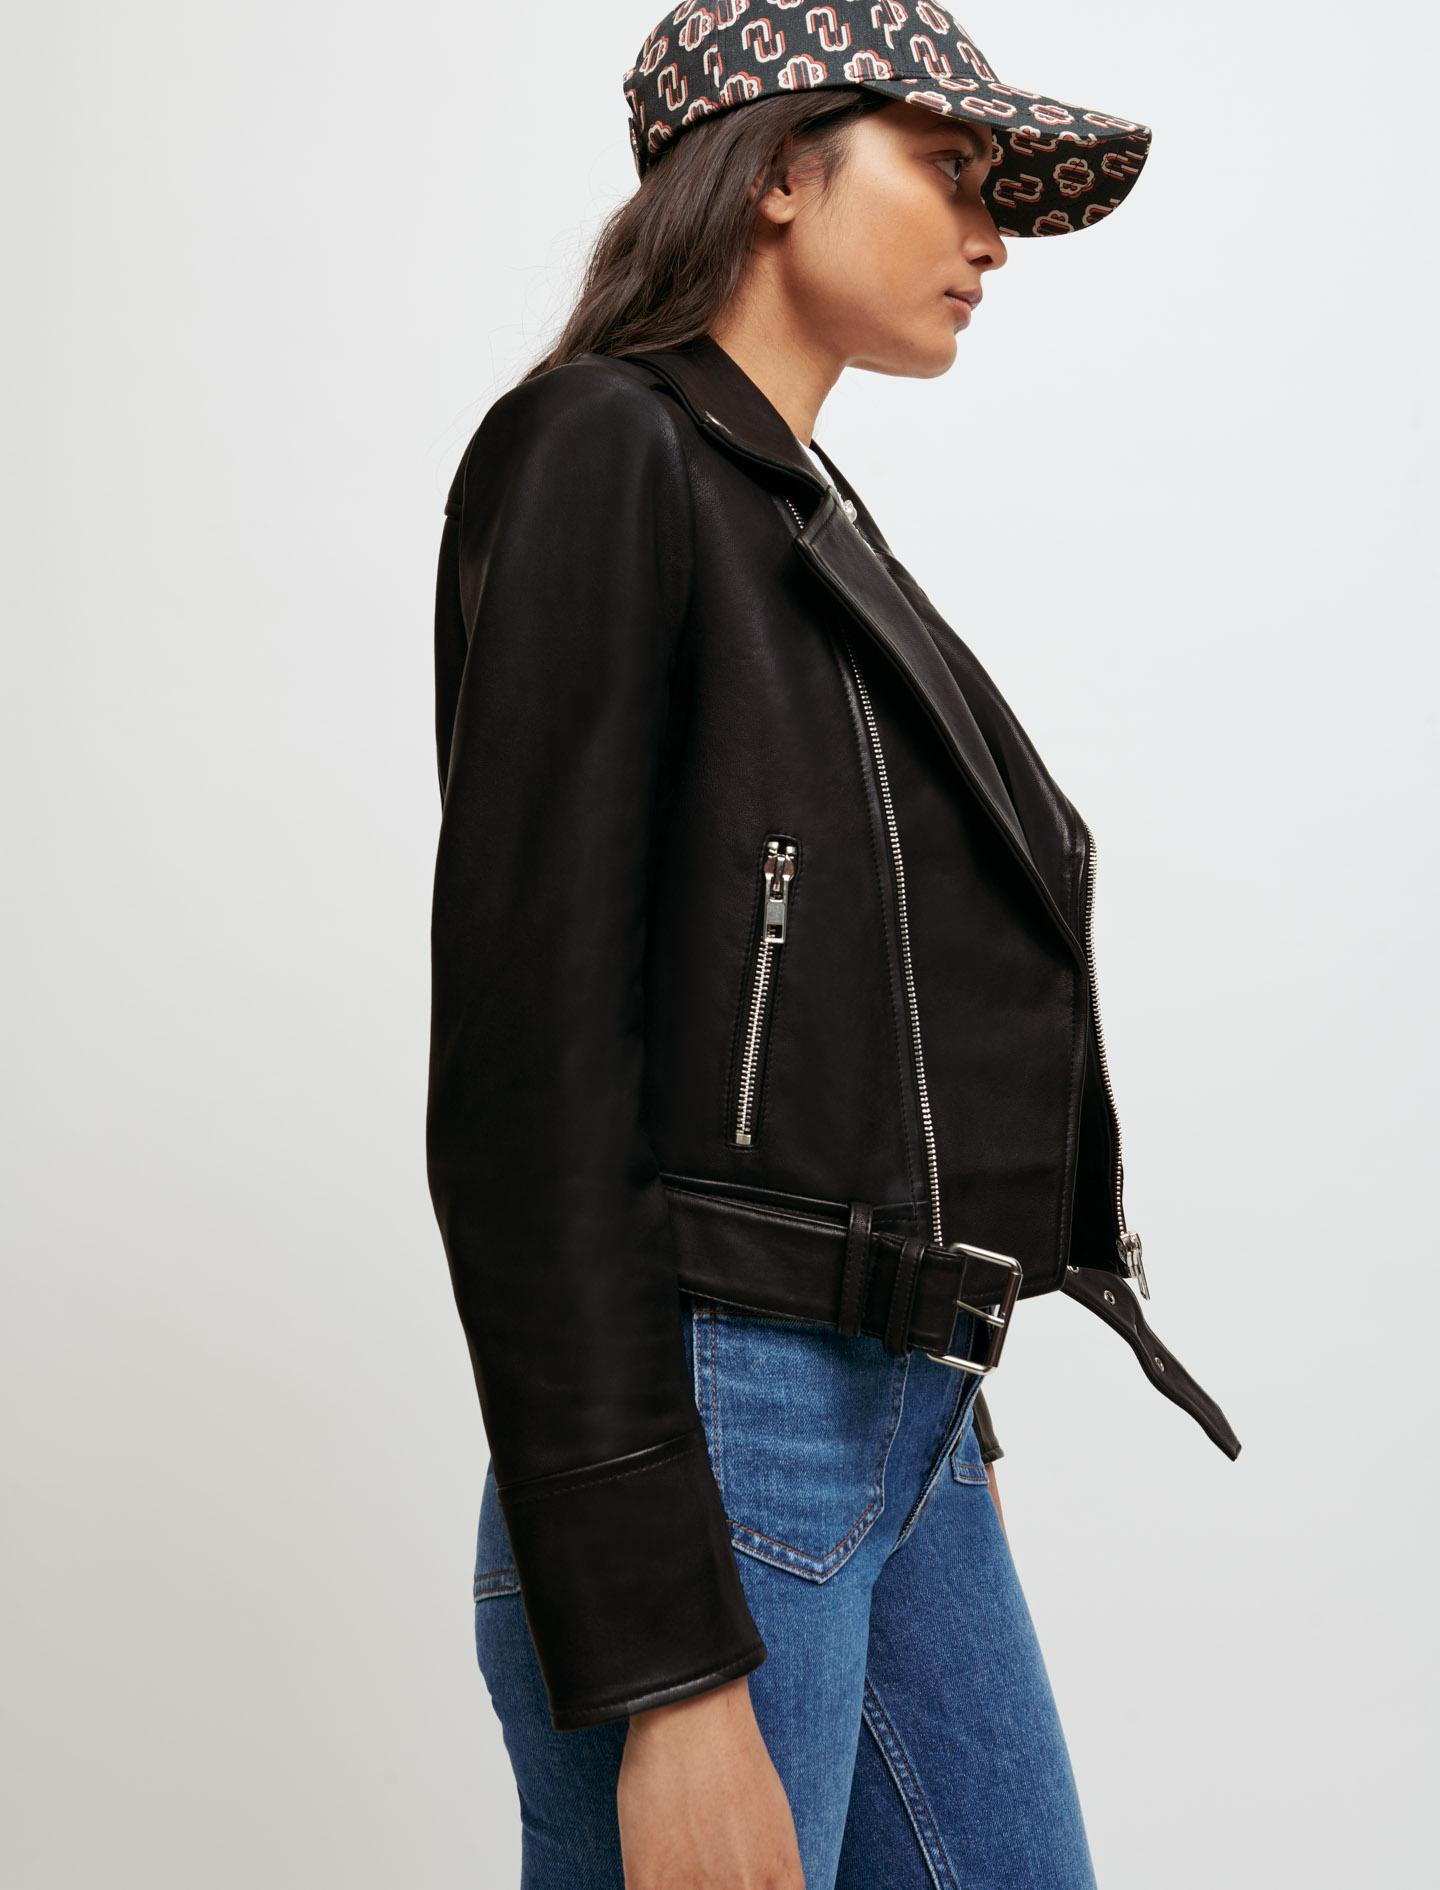 Lambskin biker style jacket - Black